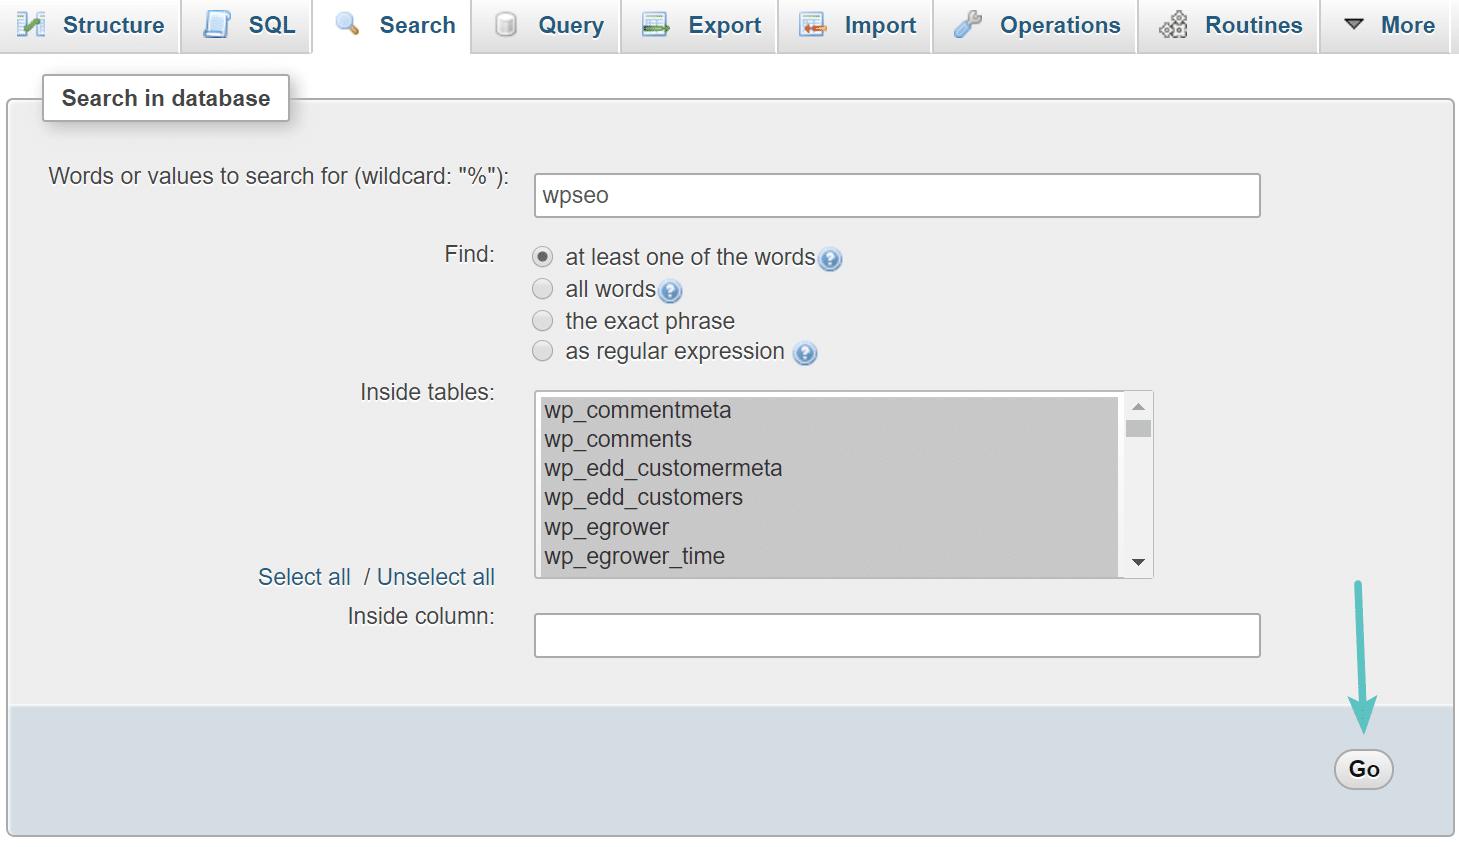 Rechercher wpseo dans la base de données